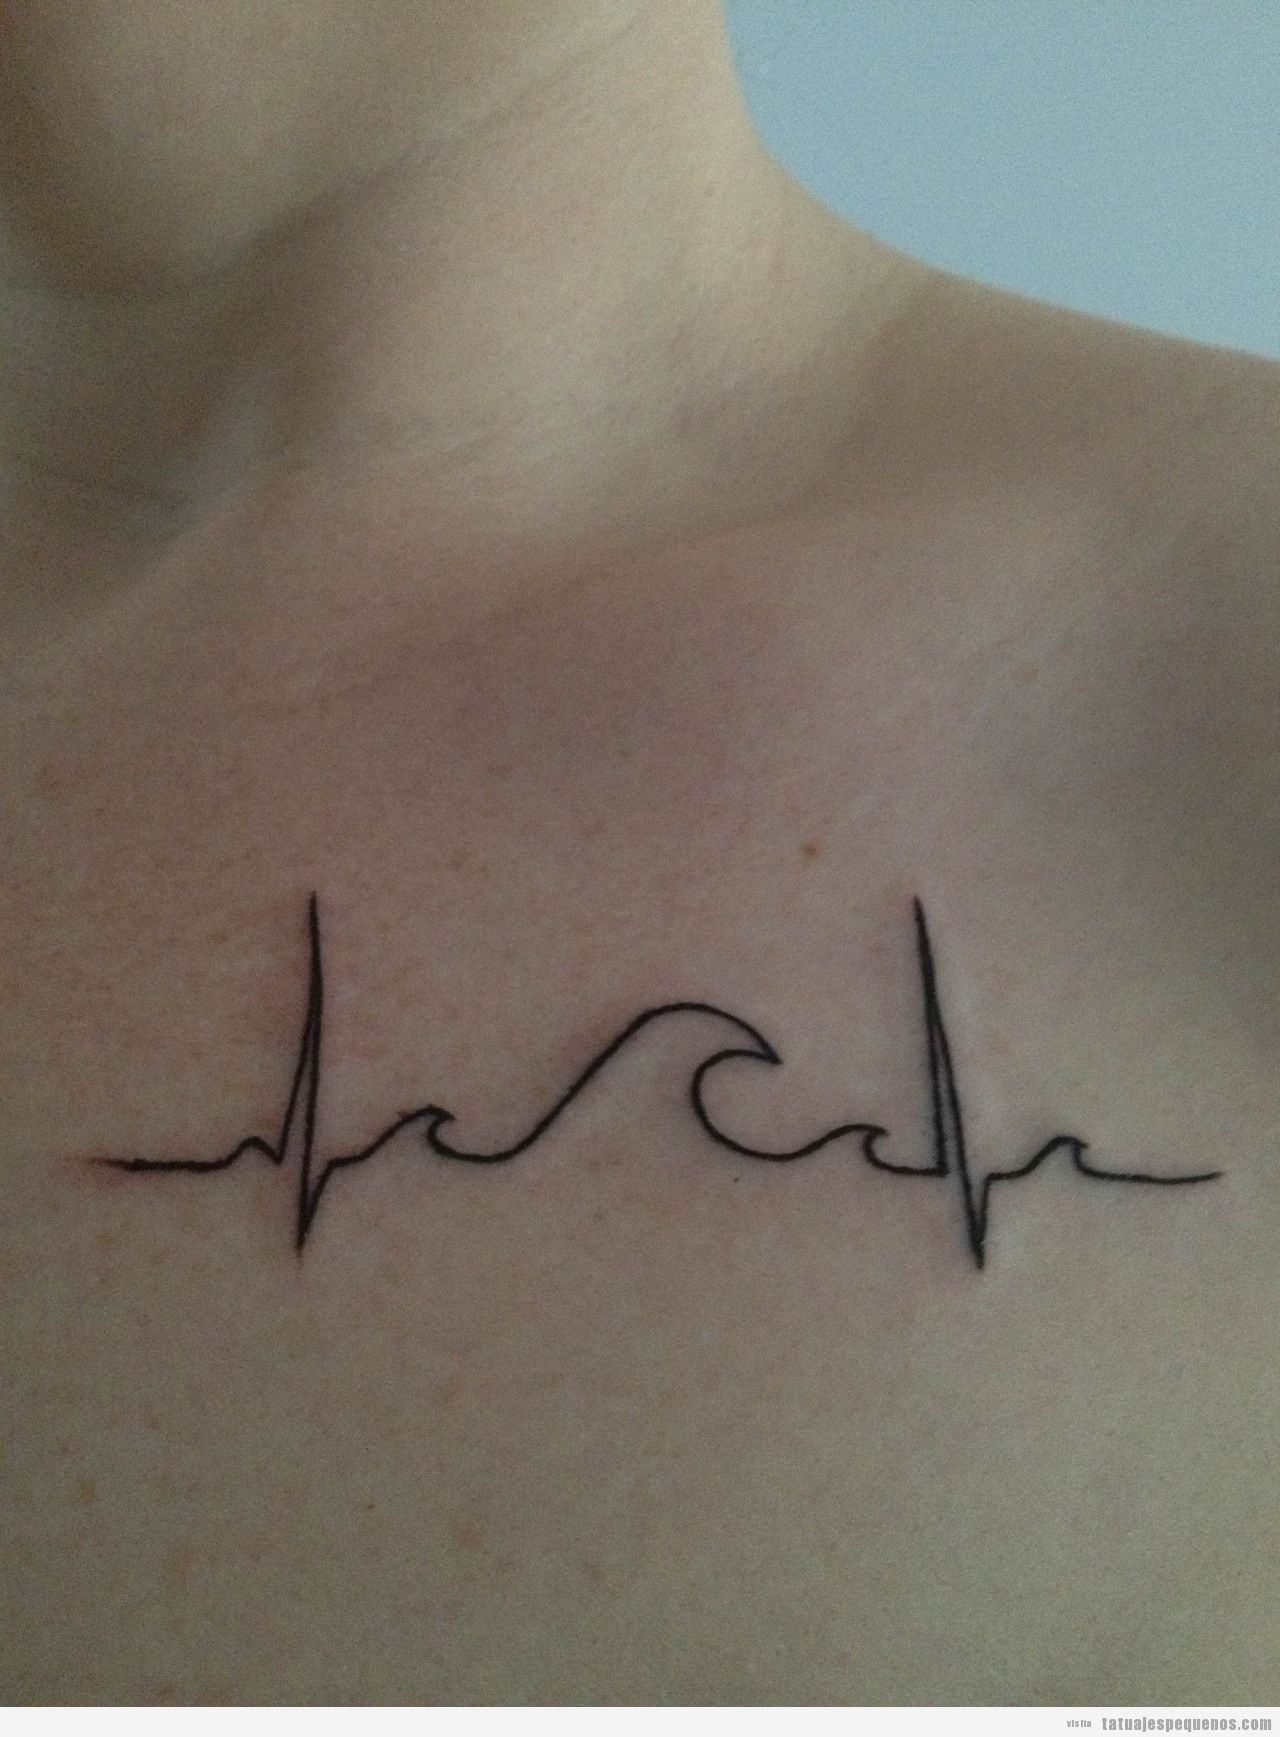 Tatuajes Pequeños Con Significado Símbolos Y Palabras Con Grandes